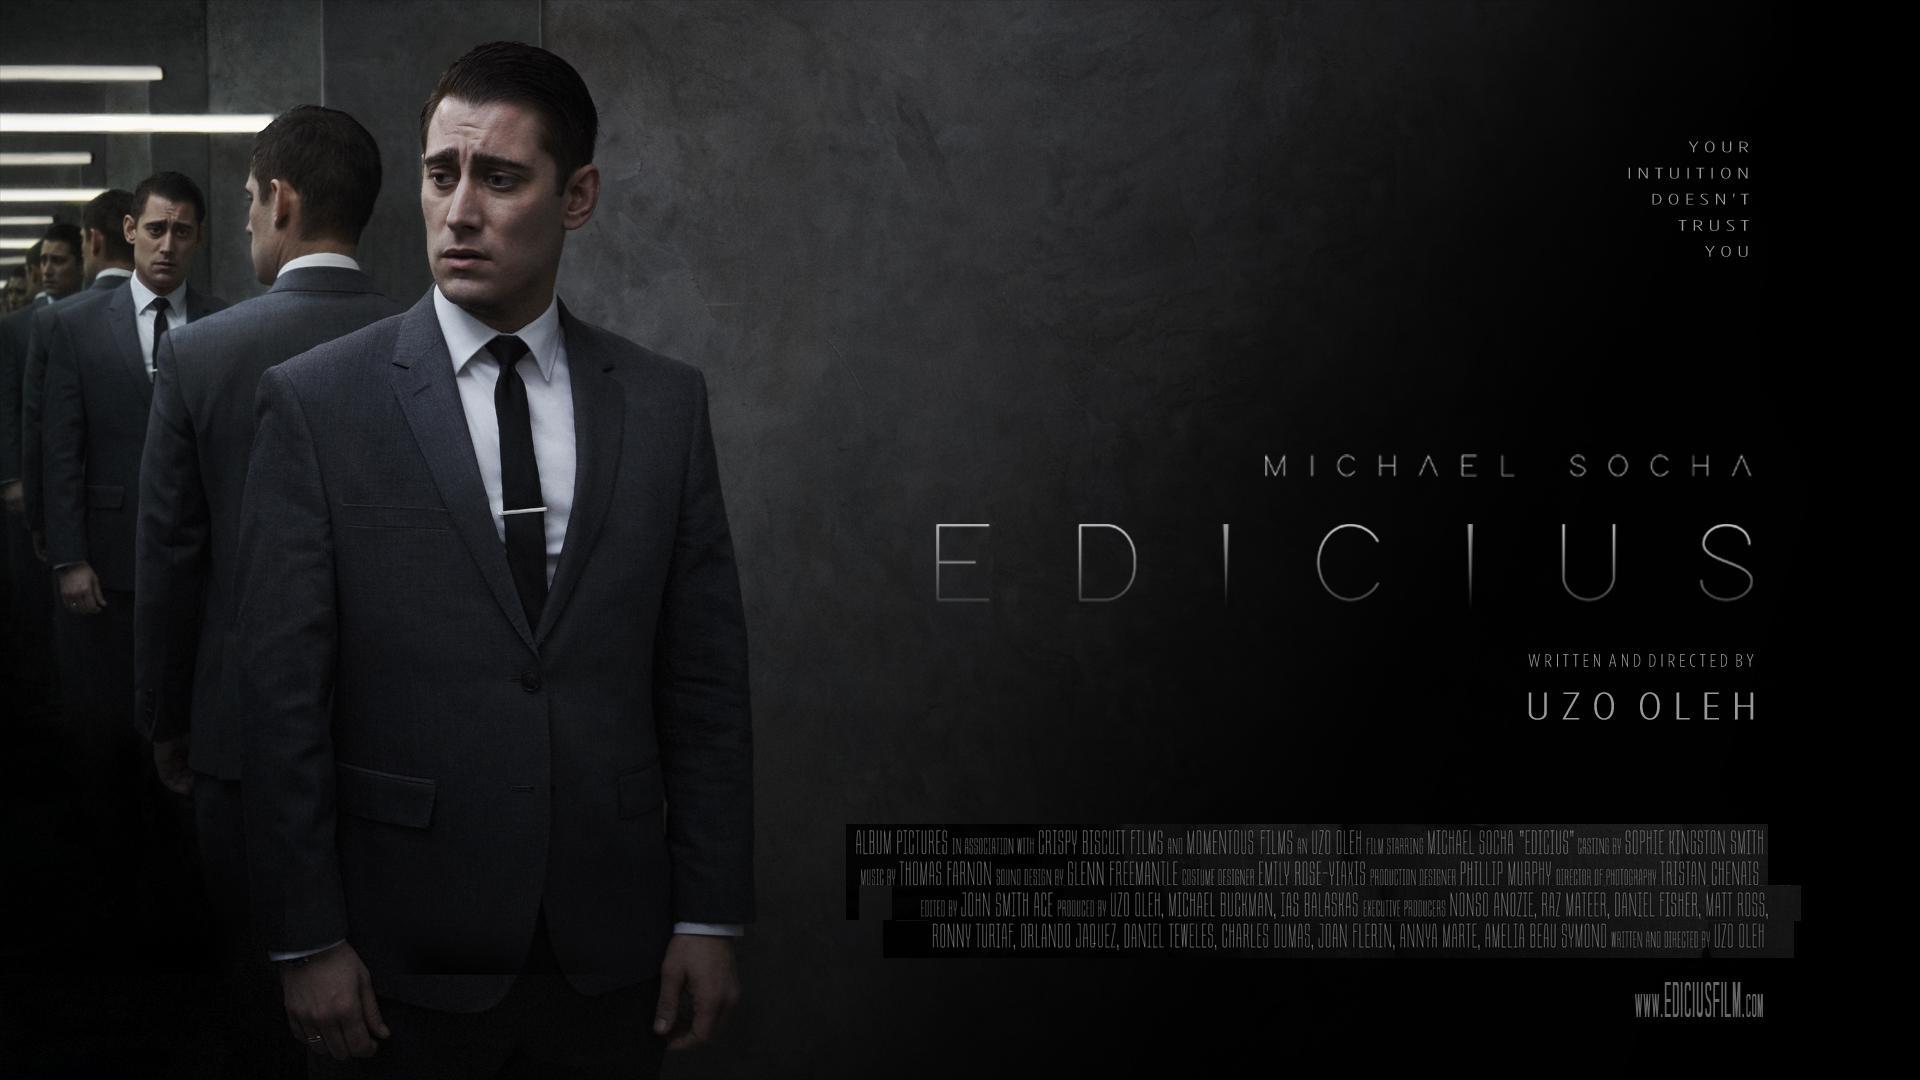 Edicius